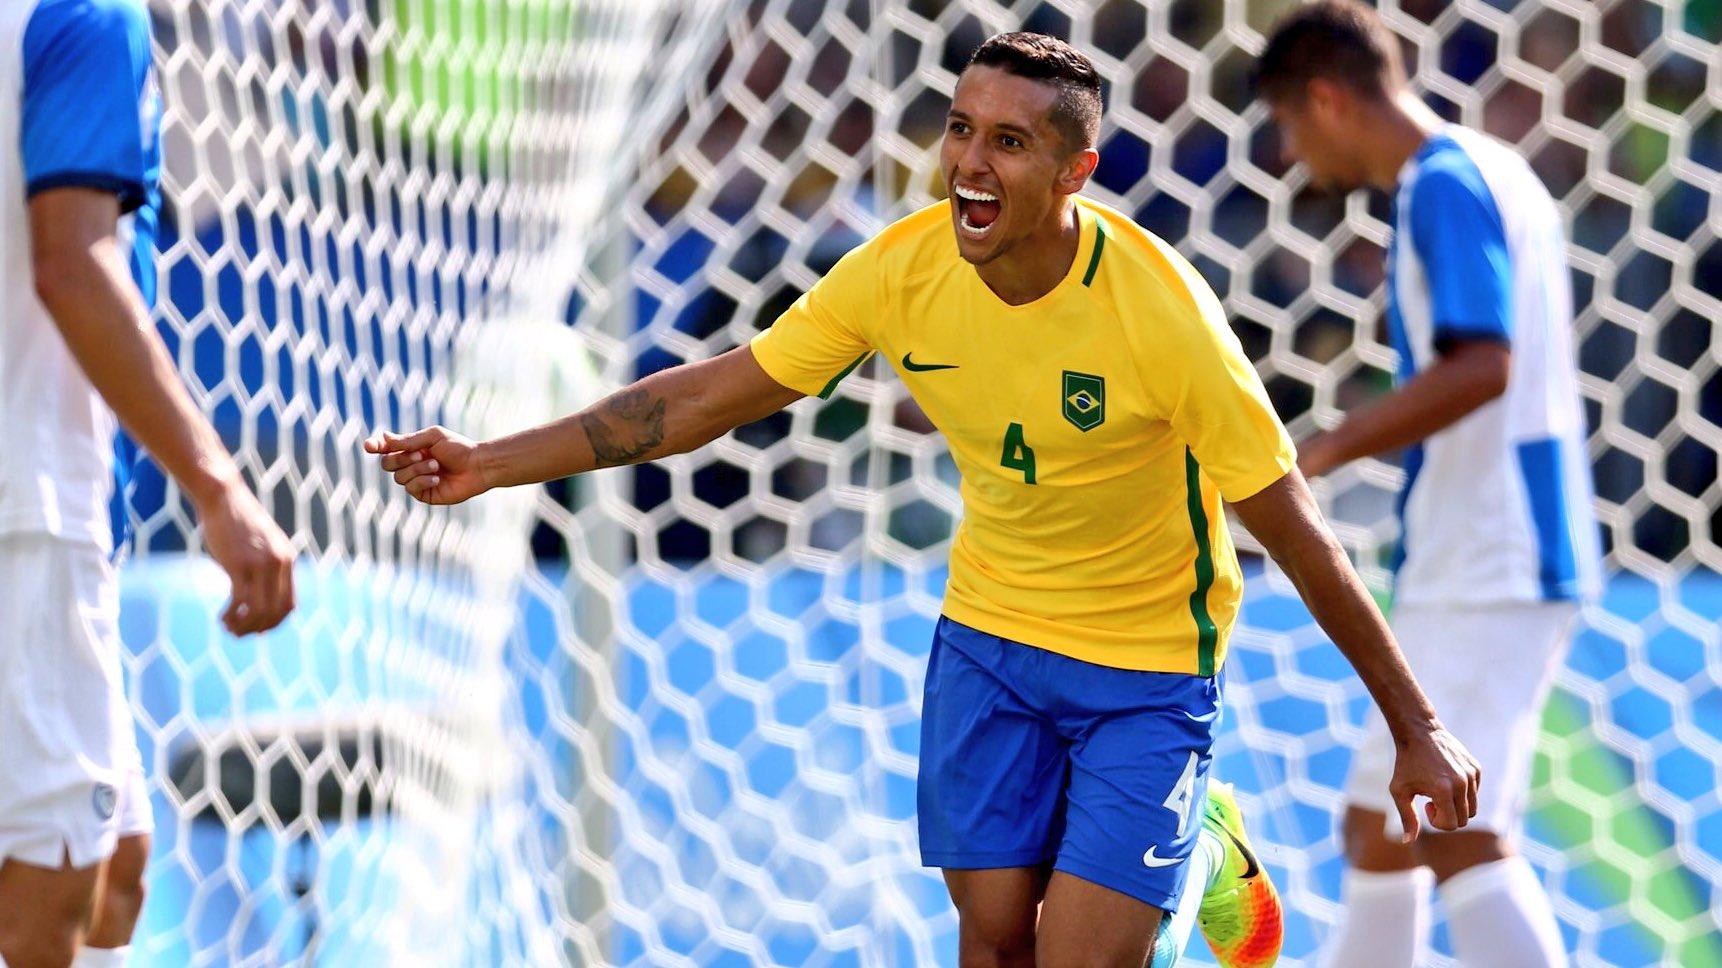 Le Brésil s'impose 6-0 et file en finale de ses Jeux